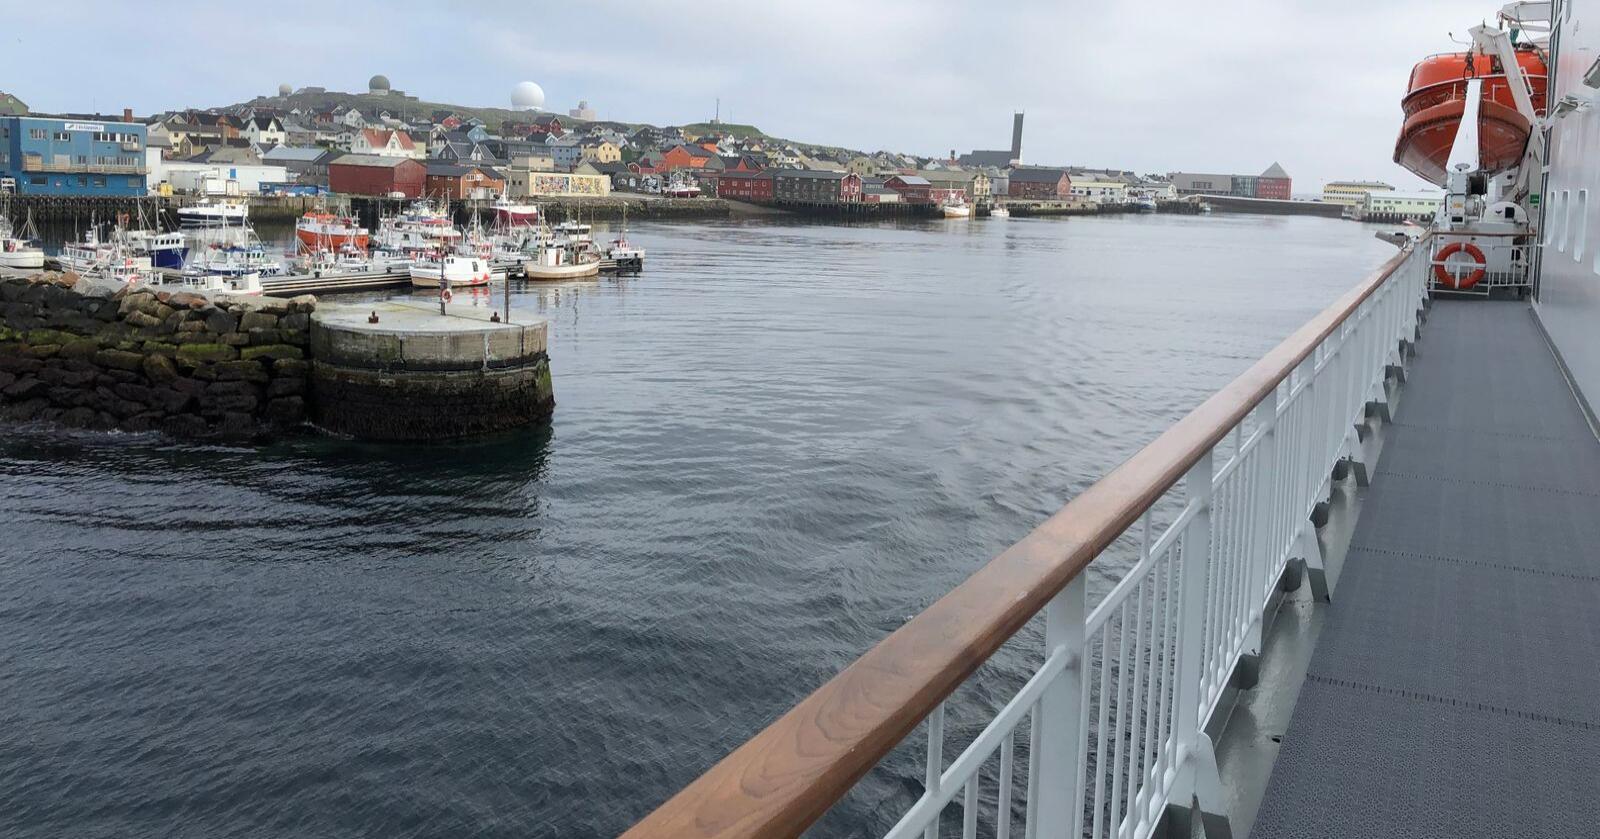 Det er bransjen Hotell/restaurant som har hatt den største økningen i konkurser hittil i år. Troms/Finnmark topper lista med 22,7 prosent økning første halvår 2020, sammenlignet med samme periode i 2019. Bildet er fra Vardø. (Illustrasjonsfoto: Karl Erik Berge)